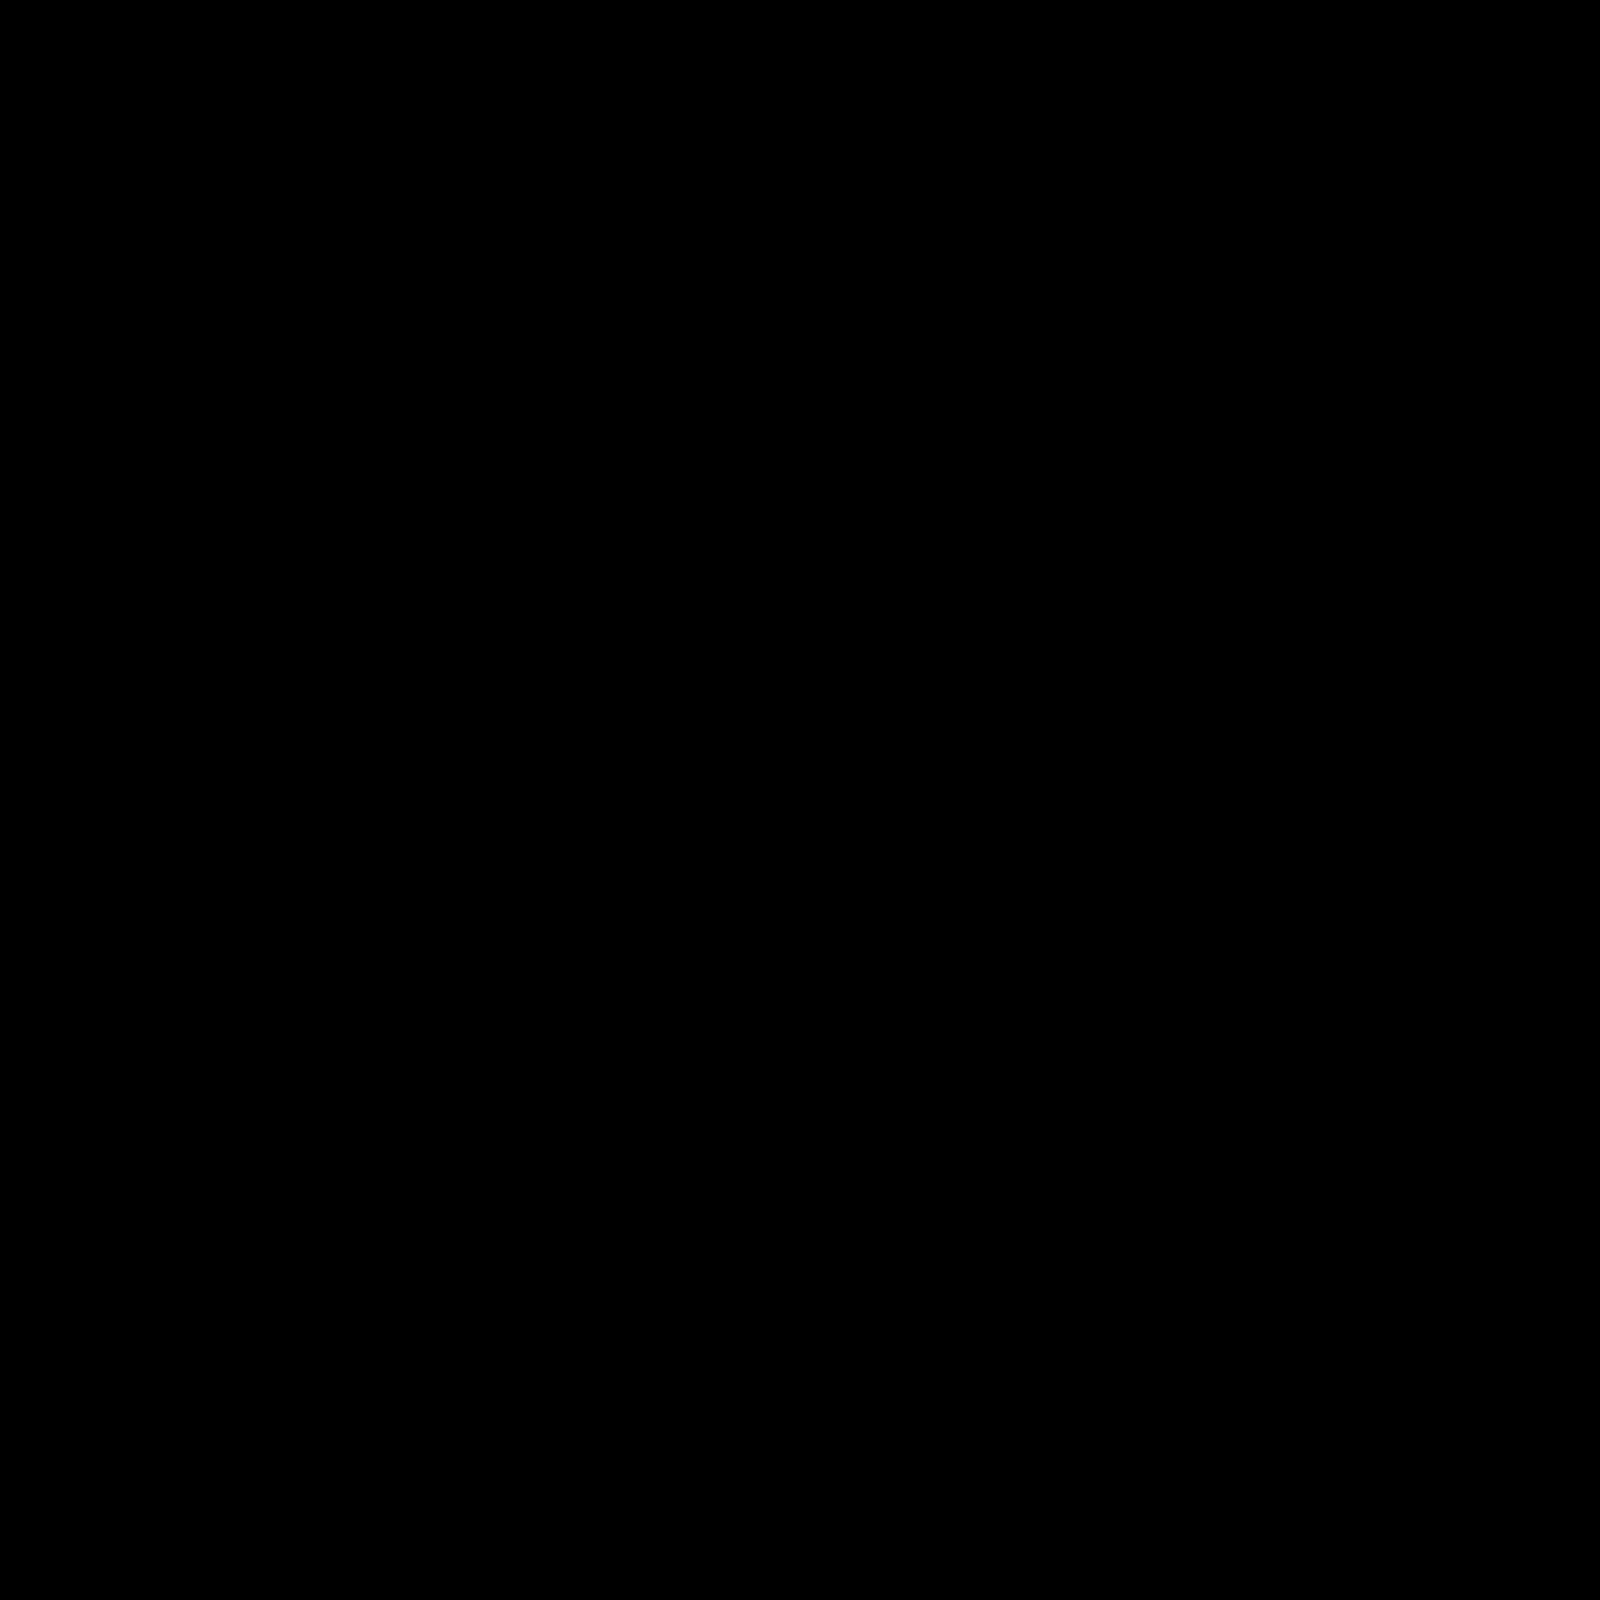 终点标志 icon. This icon is made up of a rectangle filled with many small squares and lines. It looks just like a flag you might see in front of a government building. There is a thin rectangle that is meant to represent the flag pole.